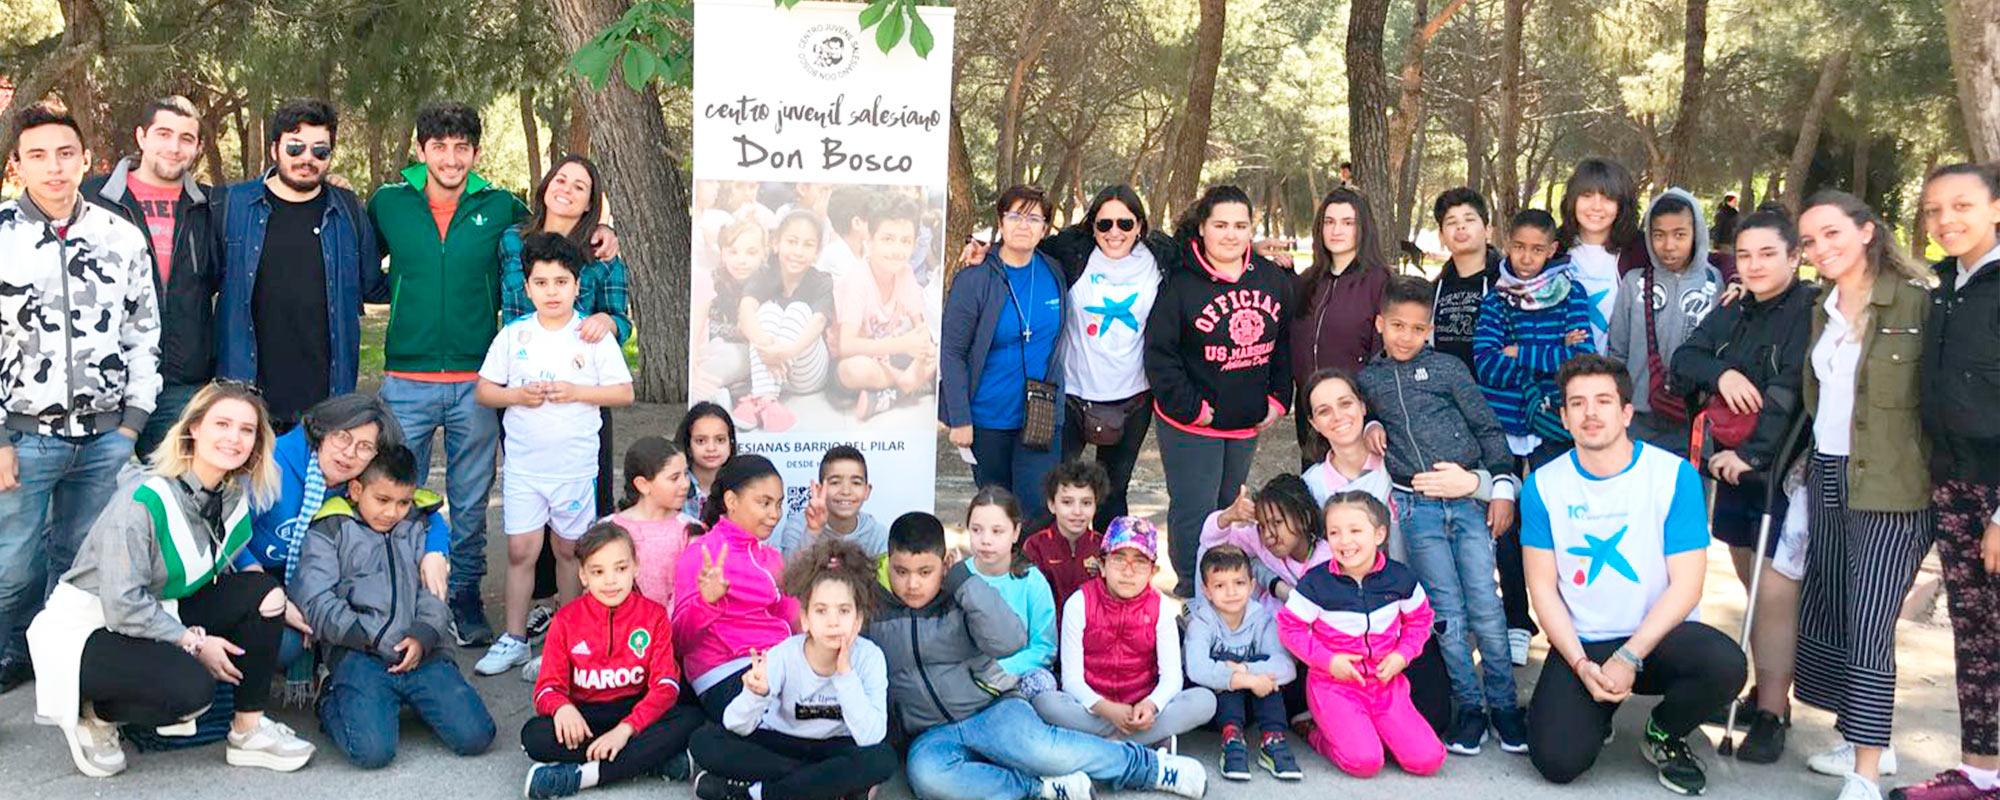 Proyecto Socioeducativo PUZLE  (Barrio del Pilar – Madrid)